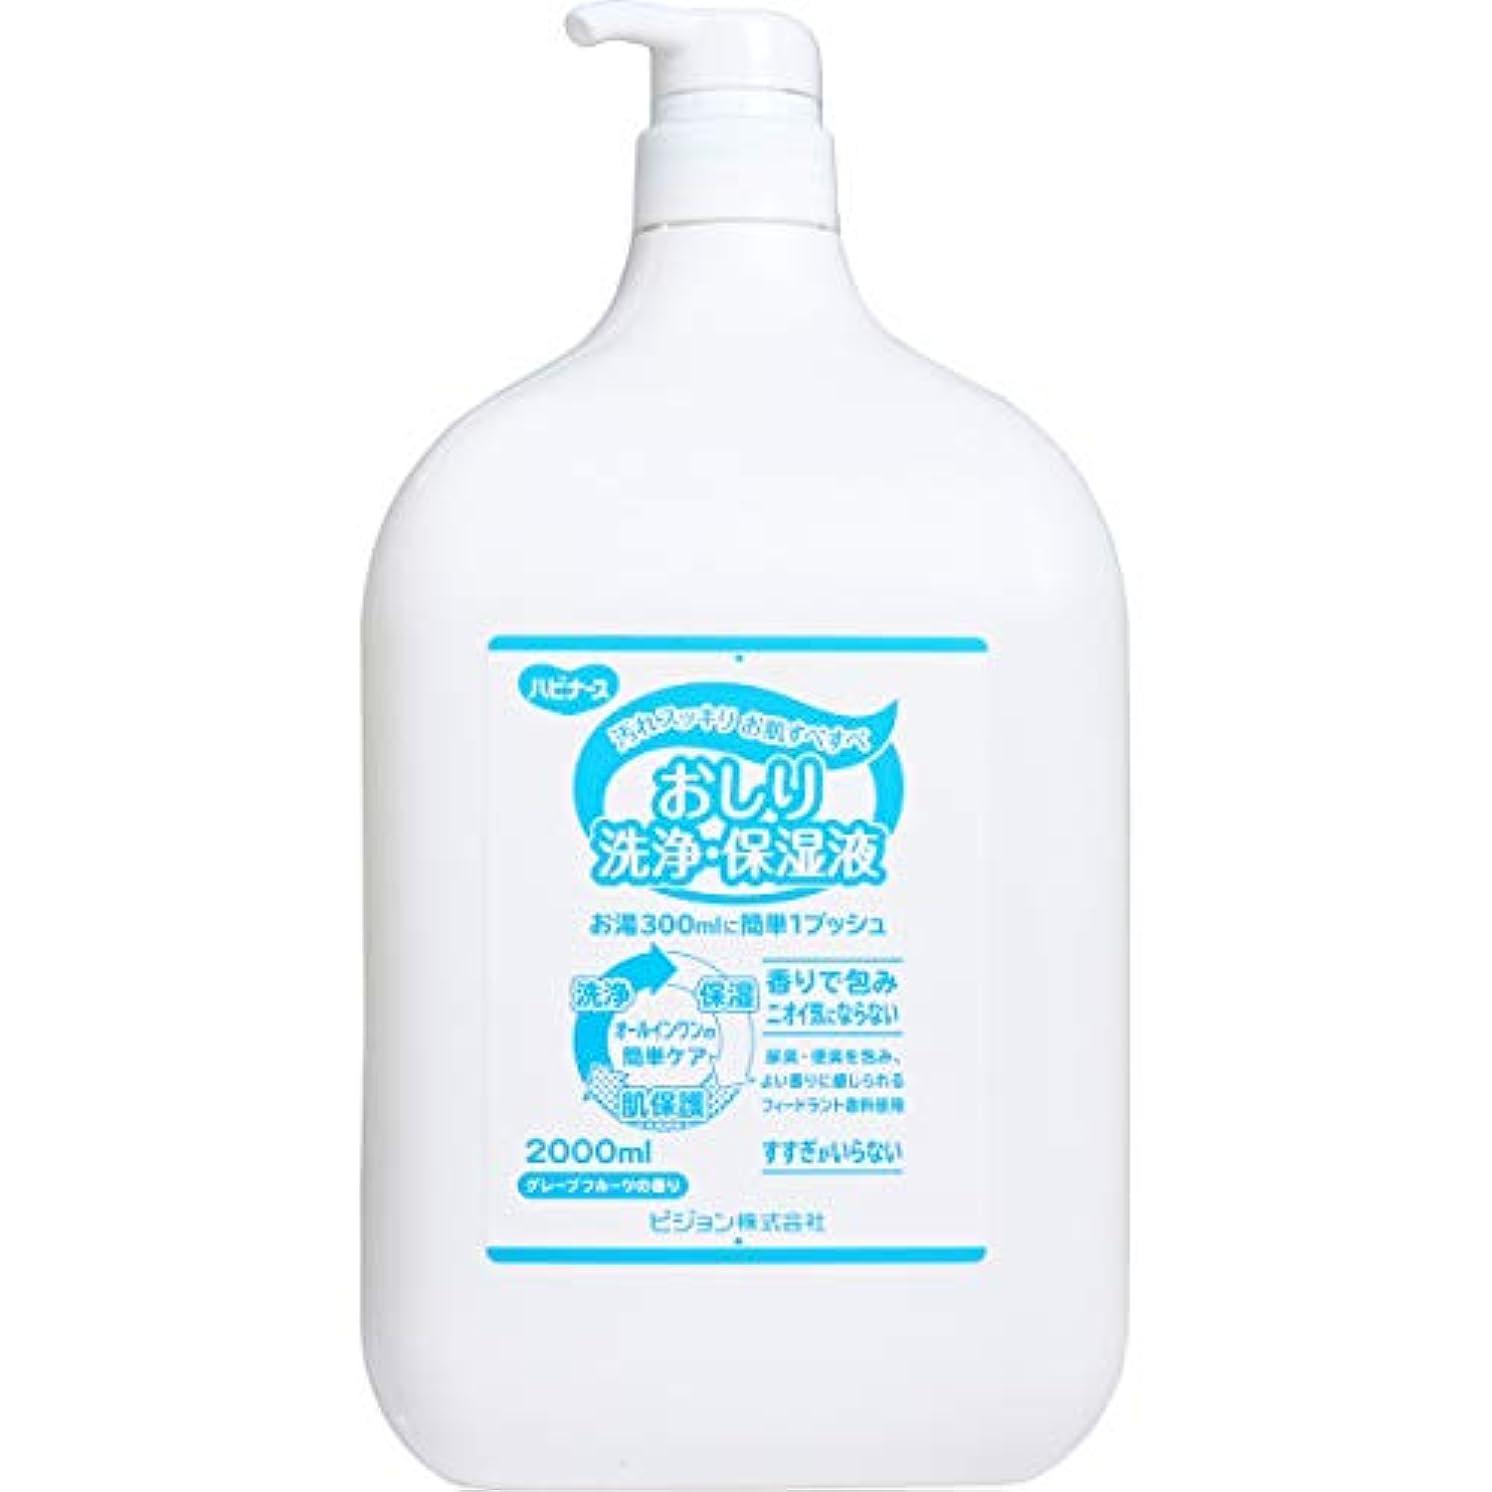 割り当てます管理しますクラウドハビナース おしり洗浄?保湿液 グレープフルーツの香り 2000mL 洗浄?保湿?肌保護 オールインワンの簡単ケア!